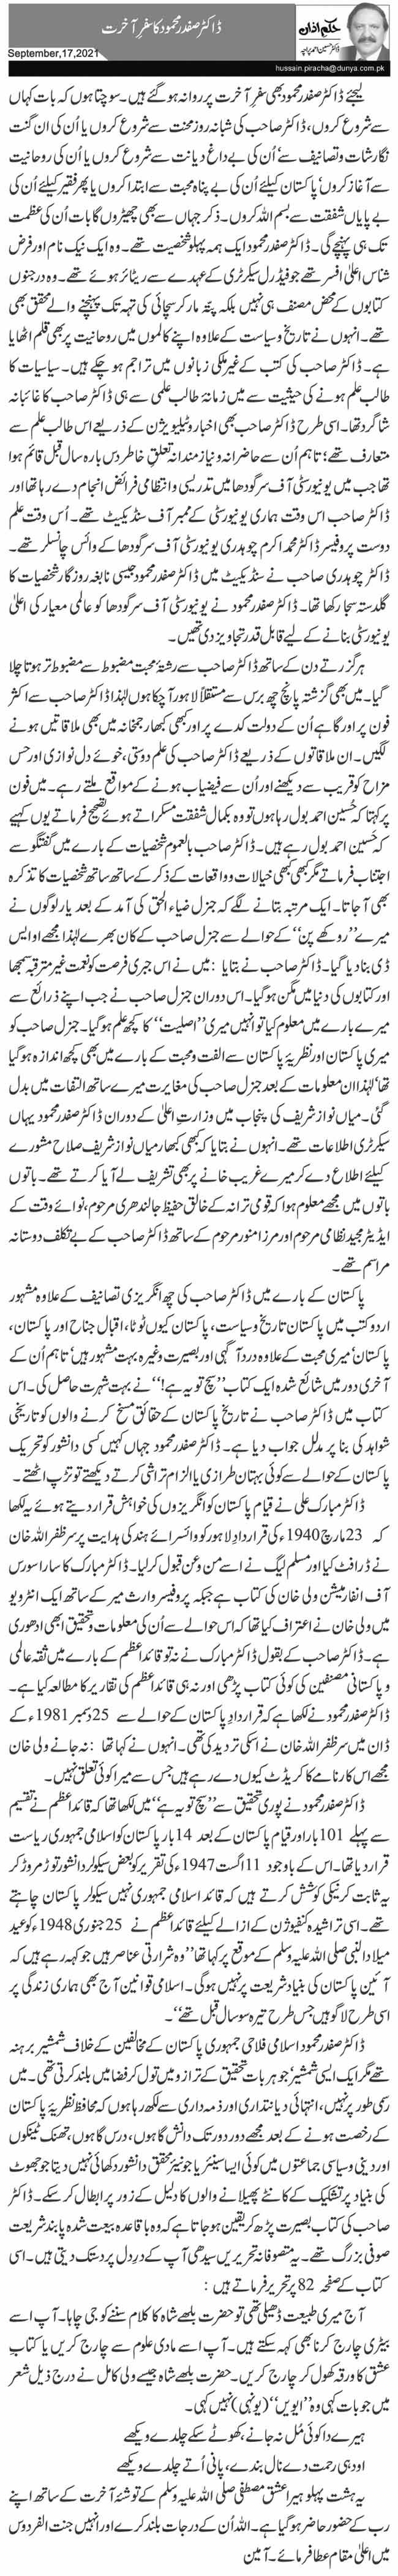 ڈاکٹر صفدر محمود کا سفرِ آخرت